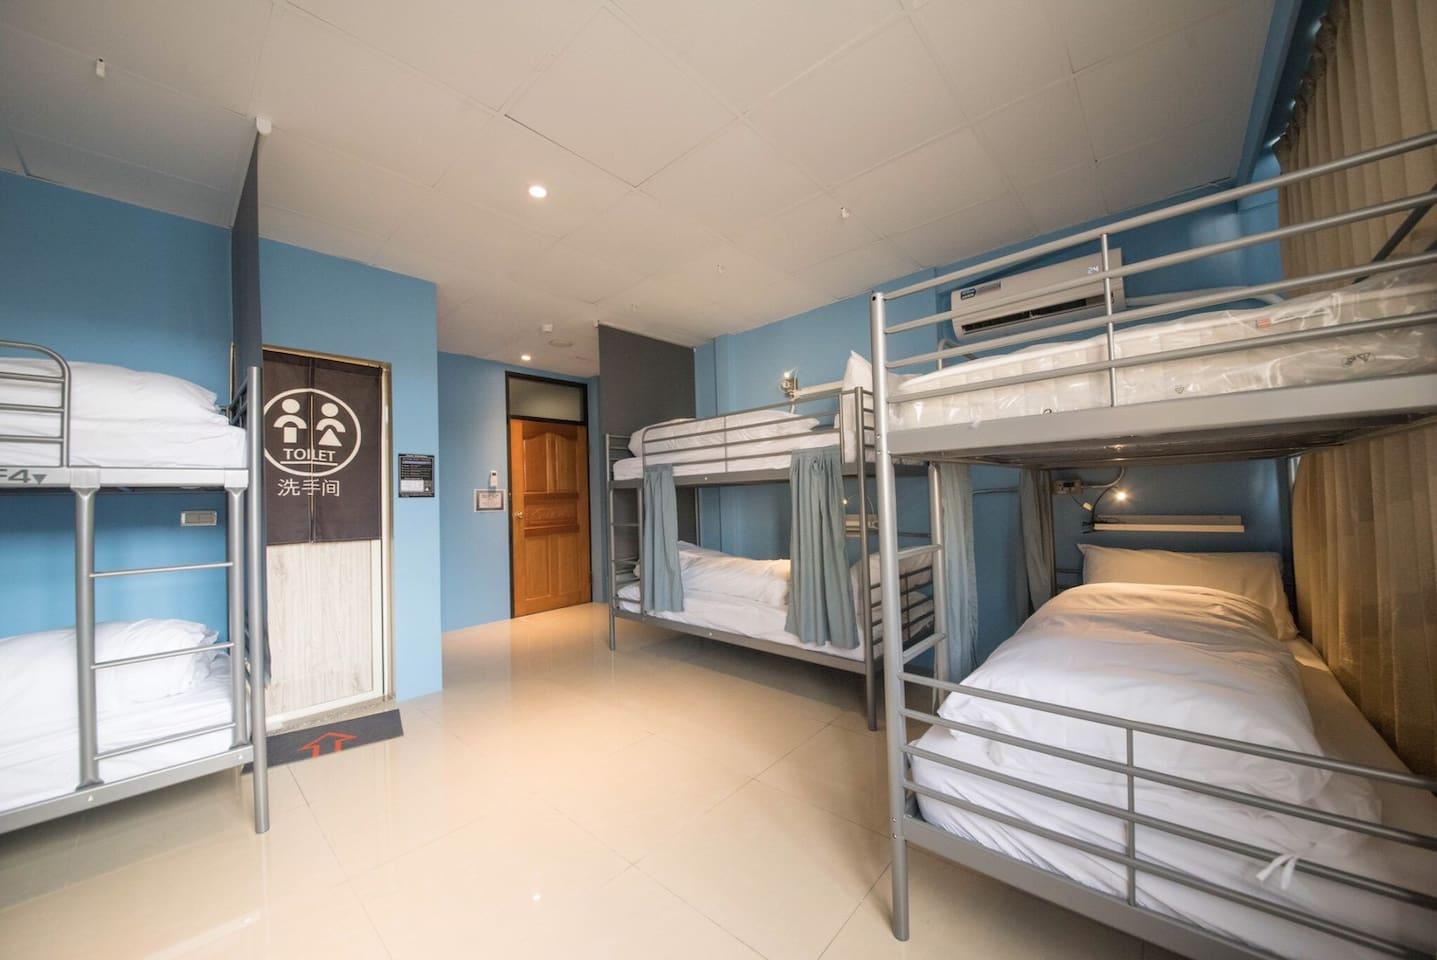 床型皆為上下舖,單人床墊。 每床皆有獨立私密窗廉、床頭燈、萬用插座。客房內禁止飲食。